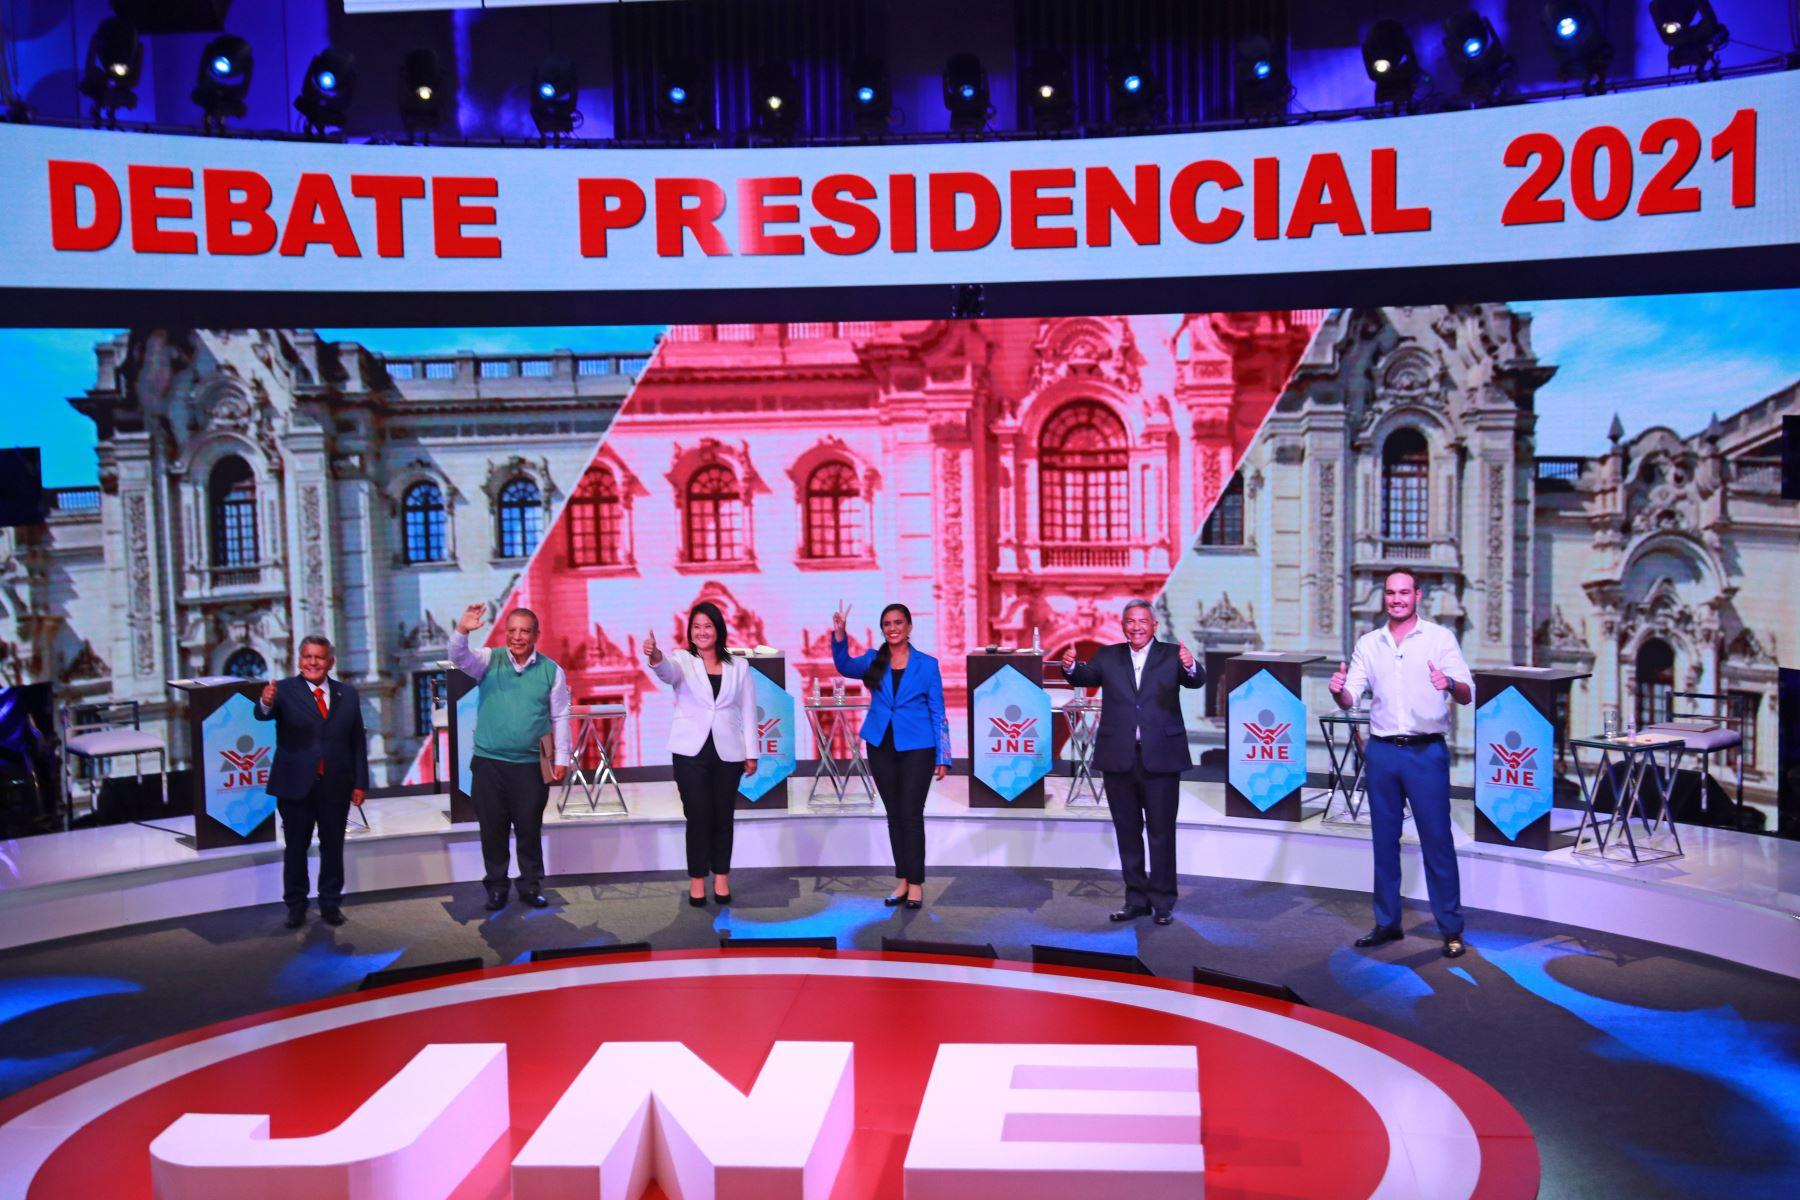 Fotografía oficial del debate de candidatos presidenciales organizado por el Jurado Nacional de Elecciones. Foto: ANDINA/ Carla Patiño